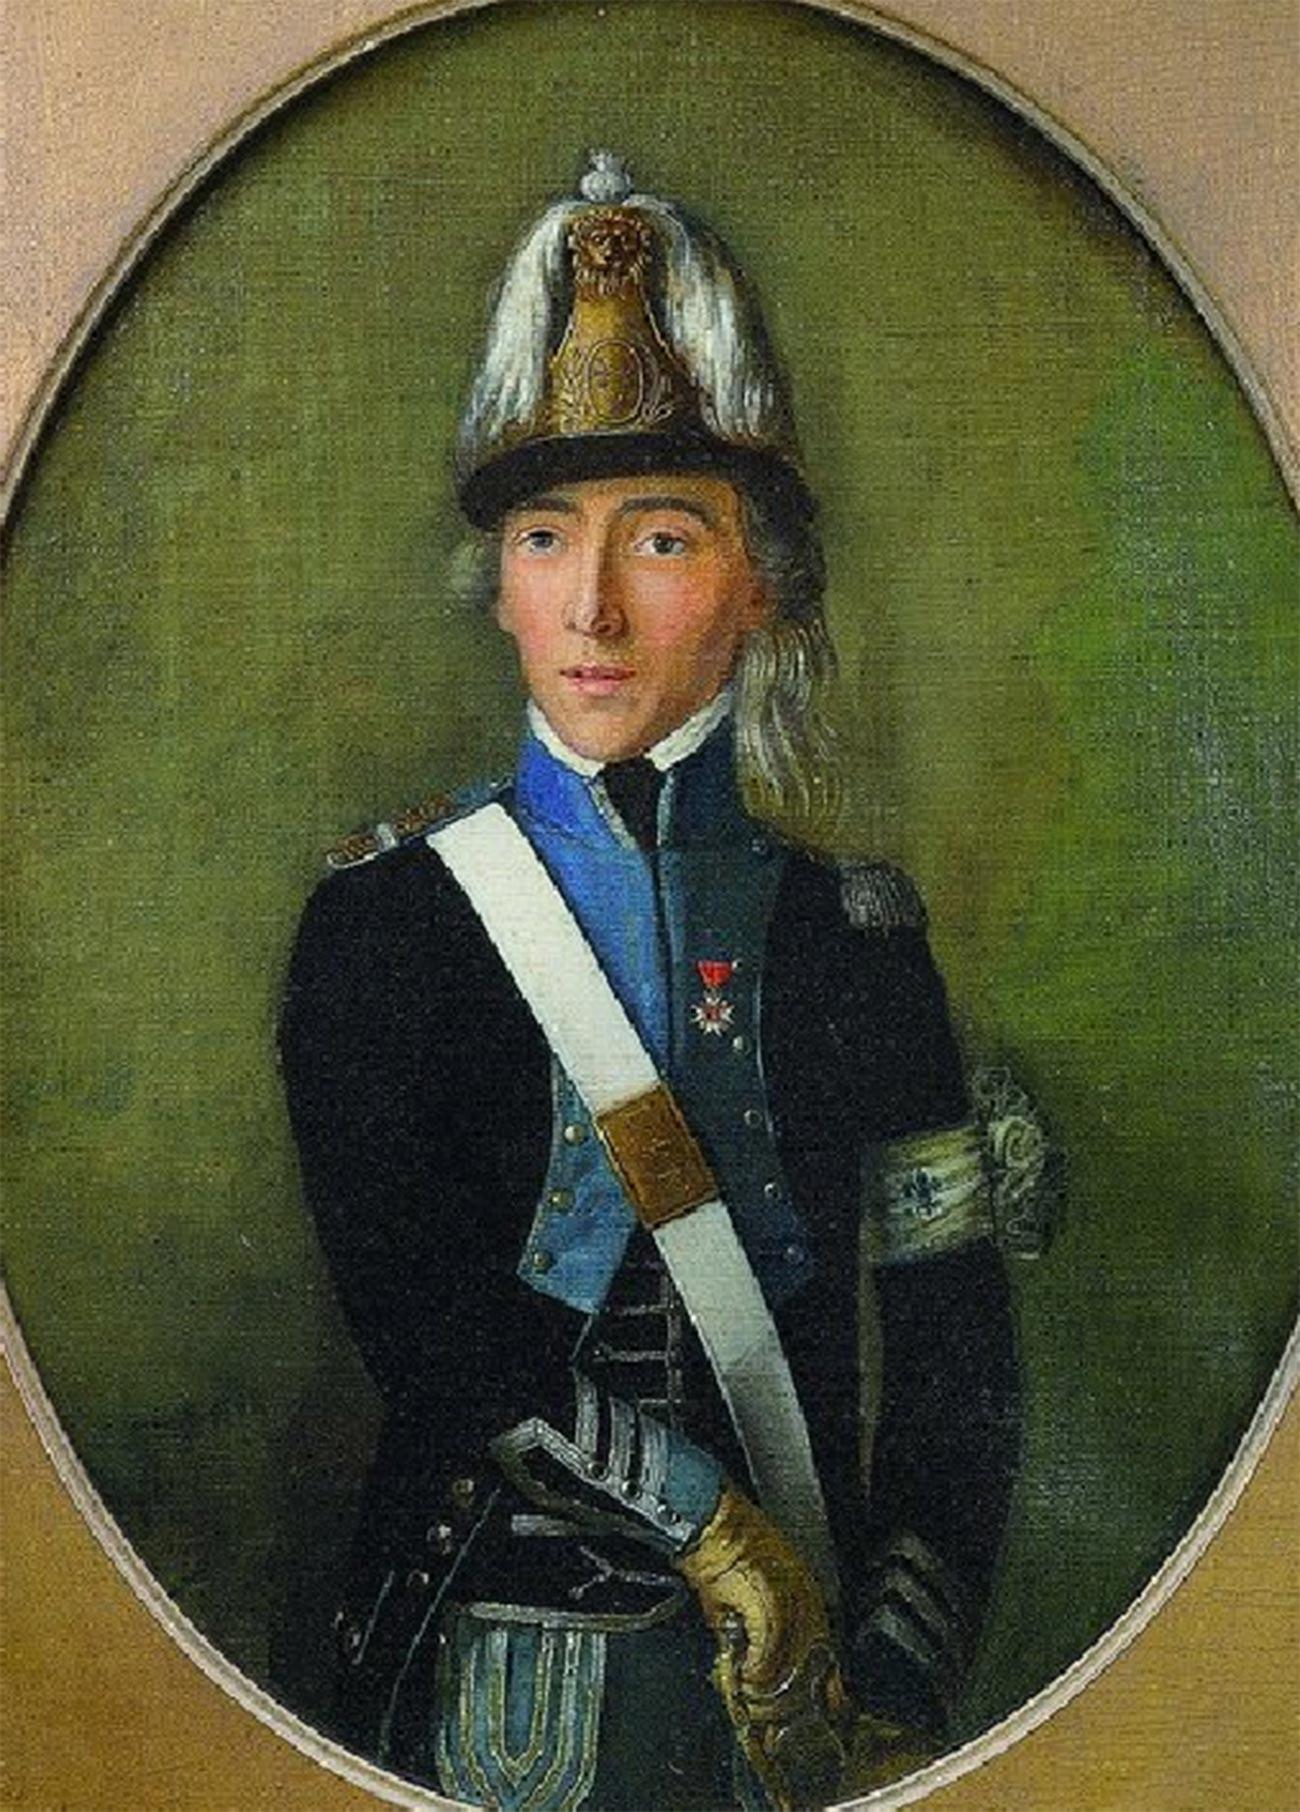 Kapten Korps Royalis Emigran Condé.